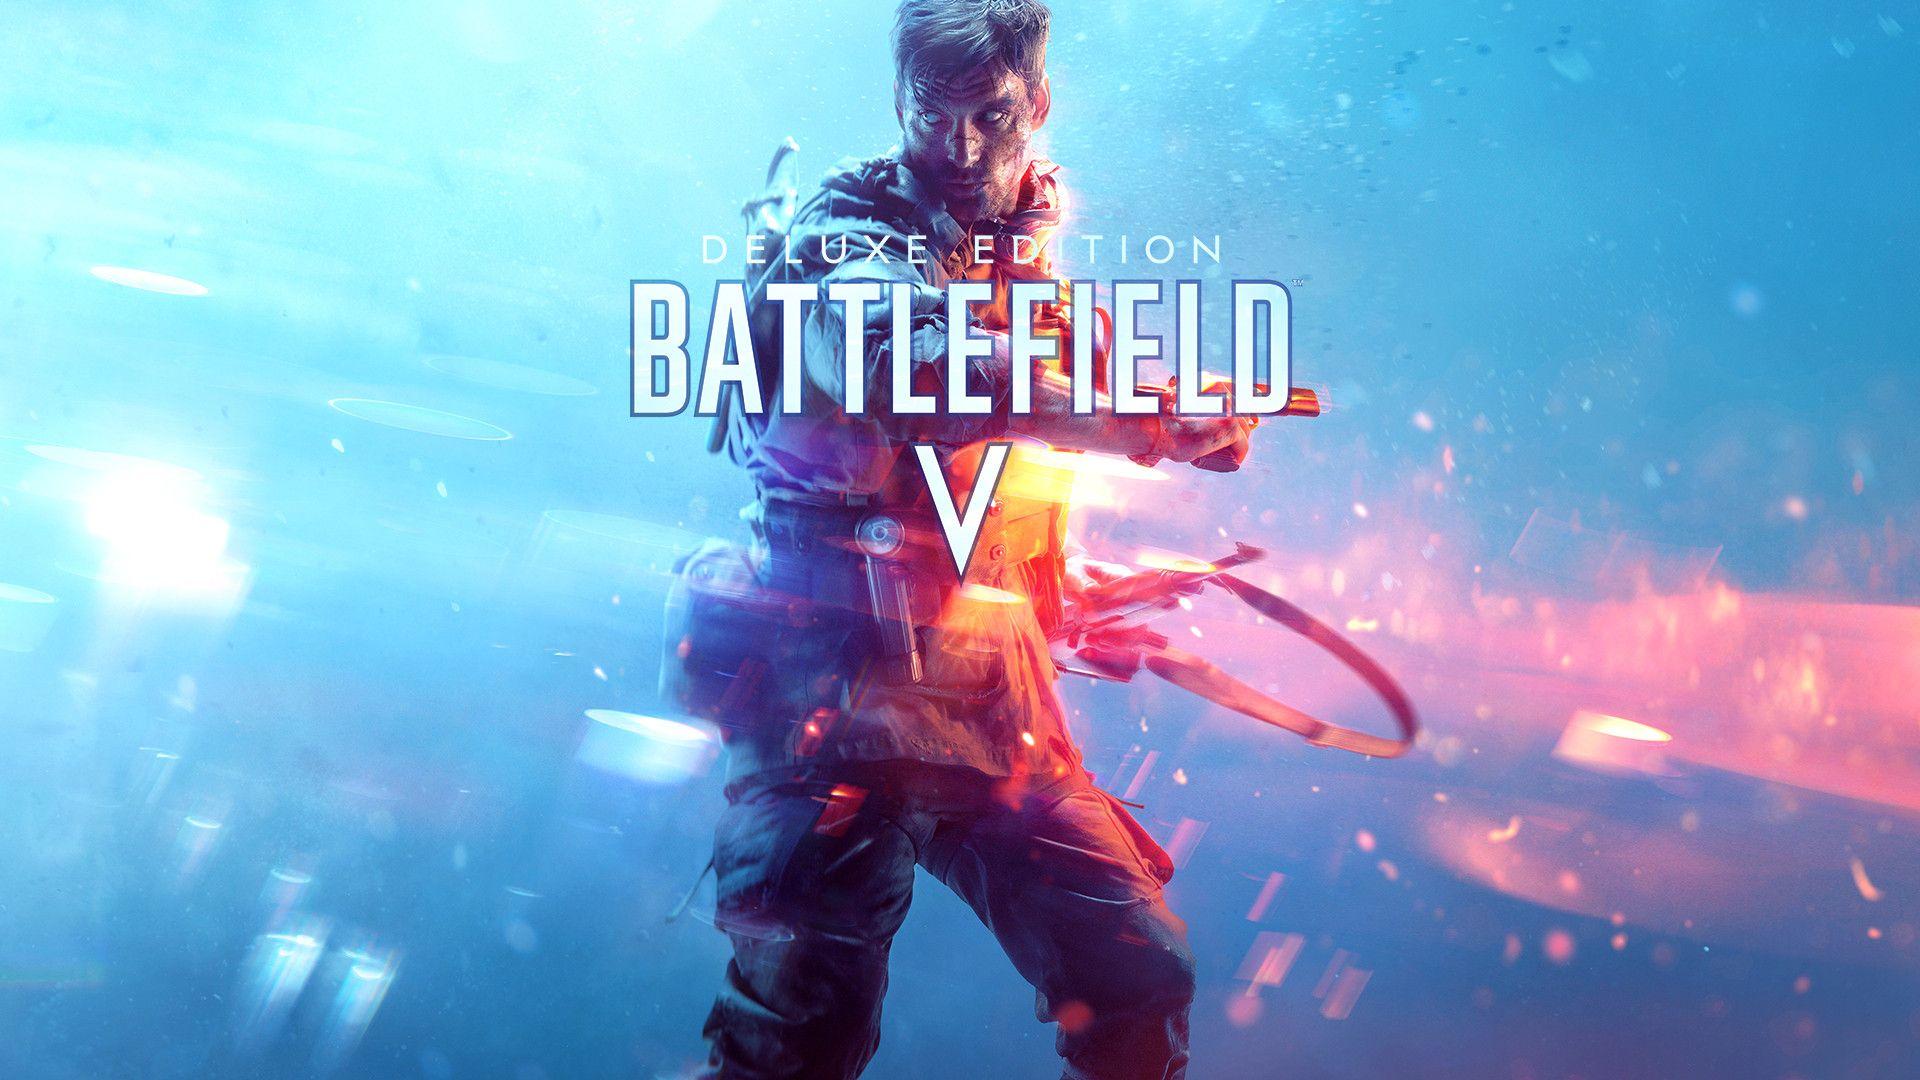 Free Download Battlefield 5 Hd Wallpaper Battlefield Battlefield 5 Gaming Wallpapers